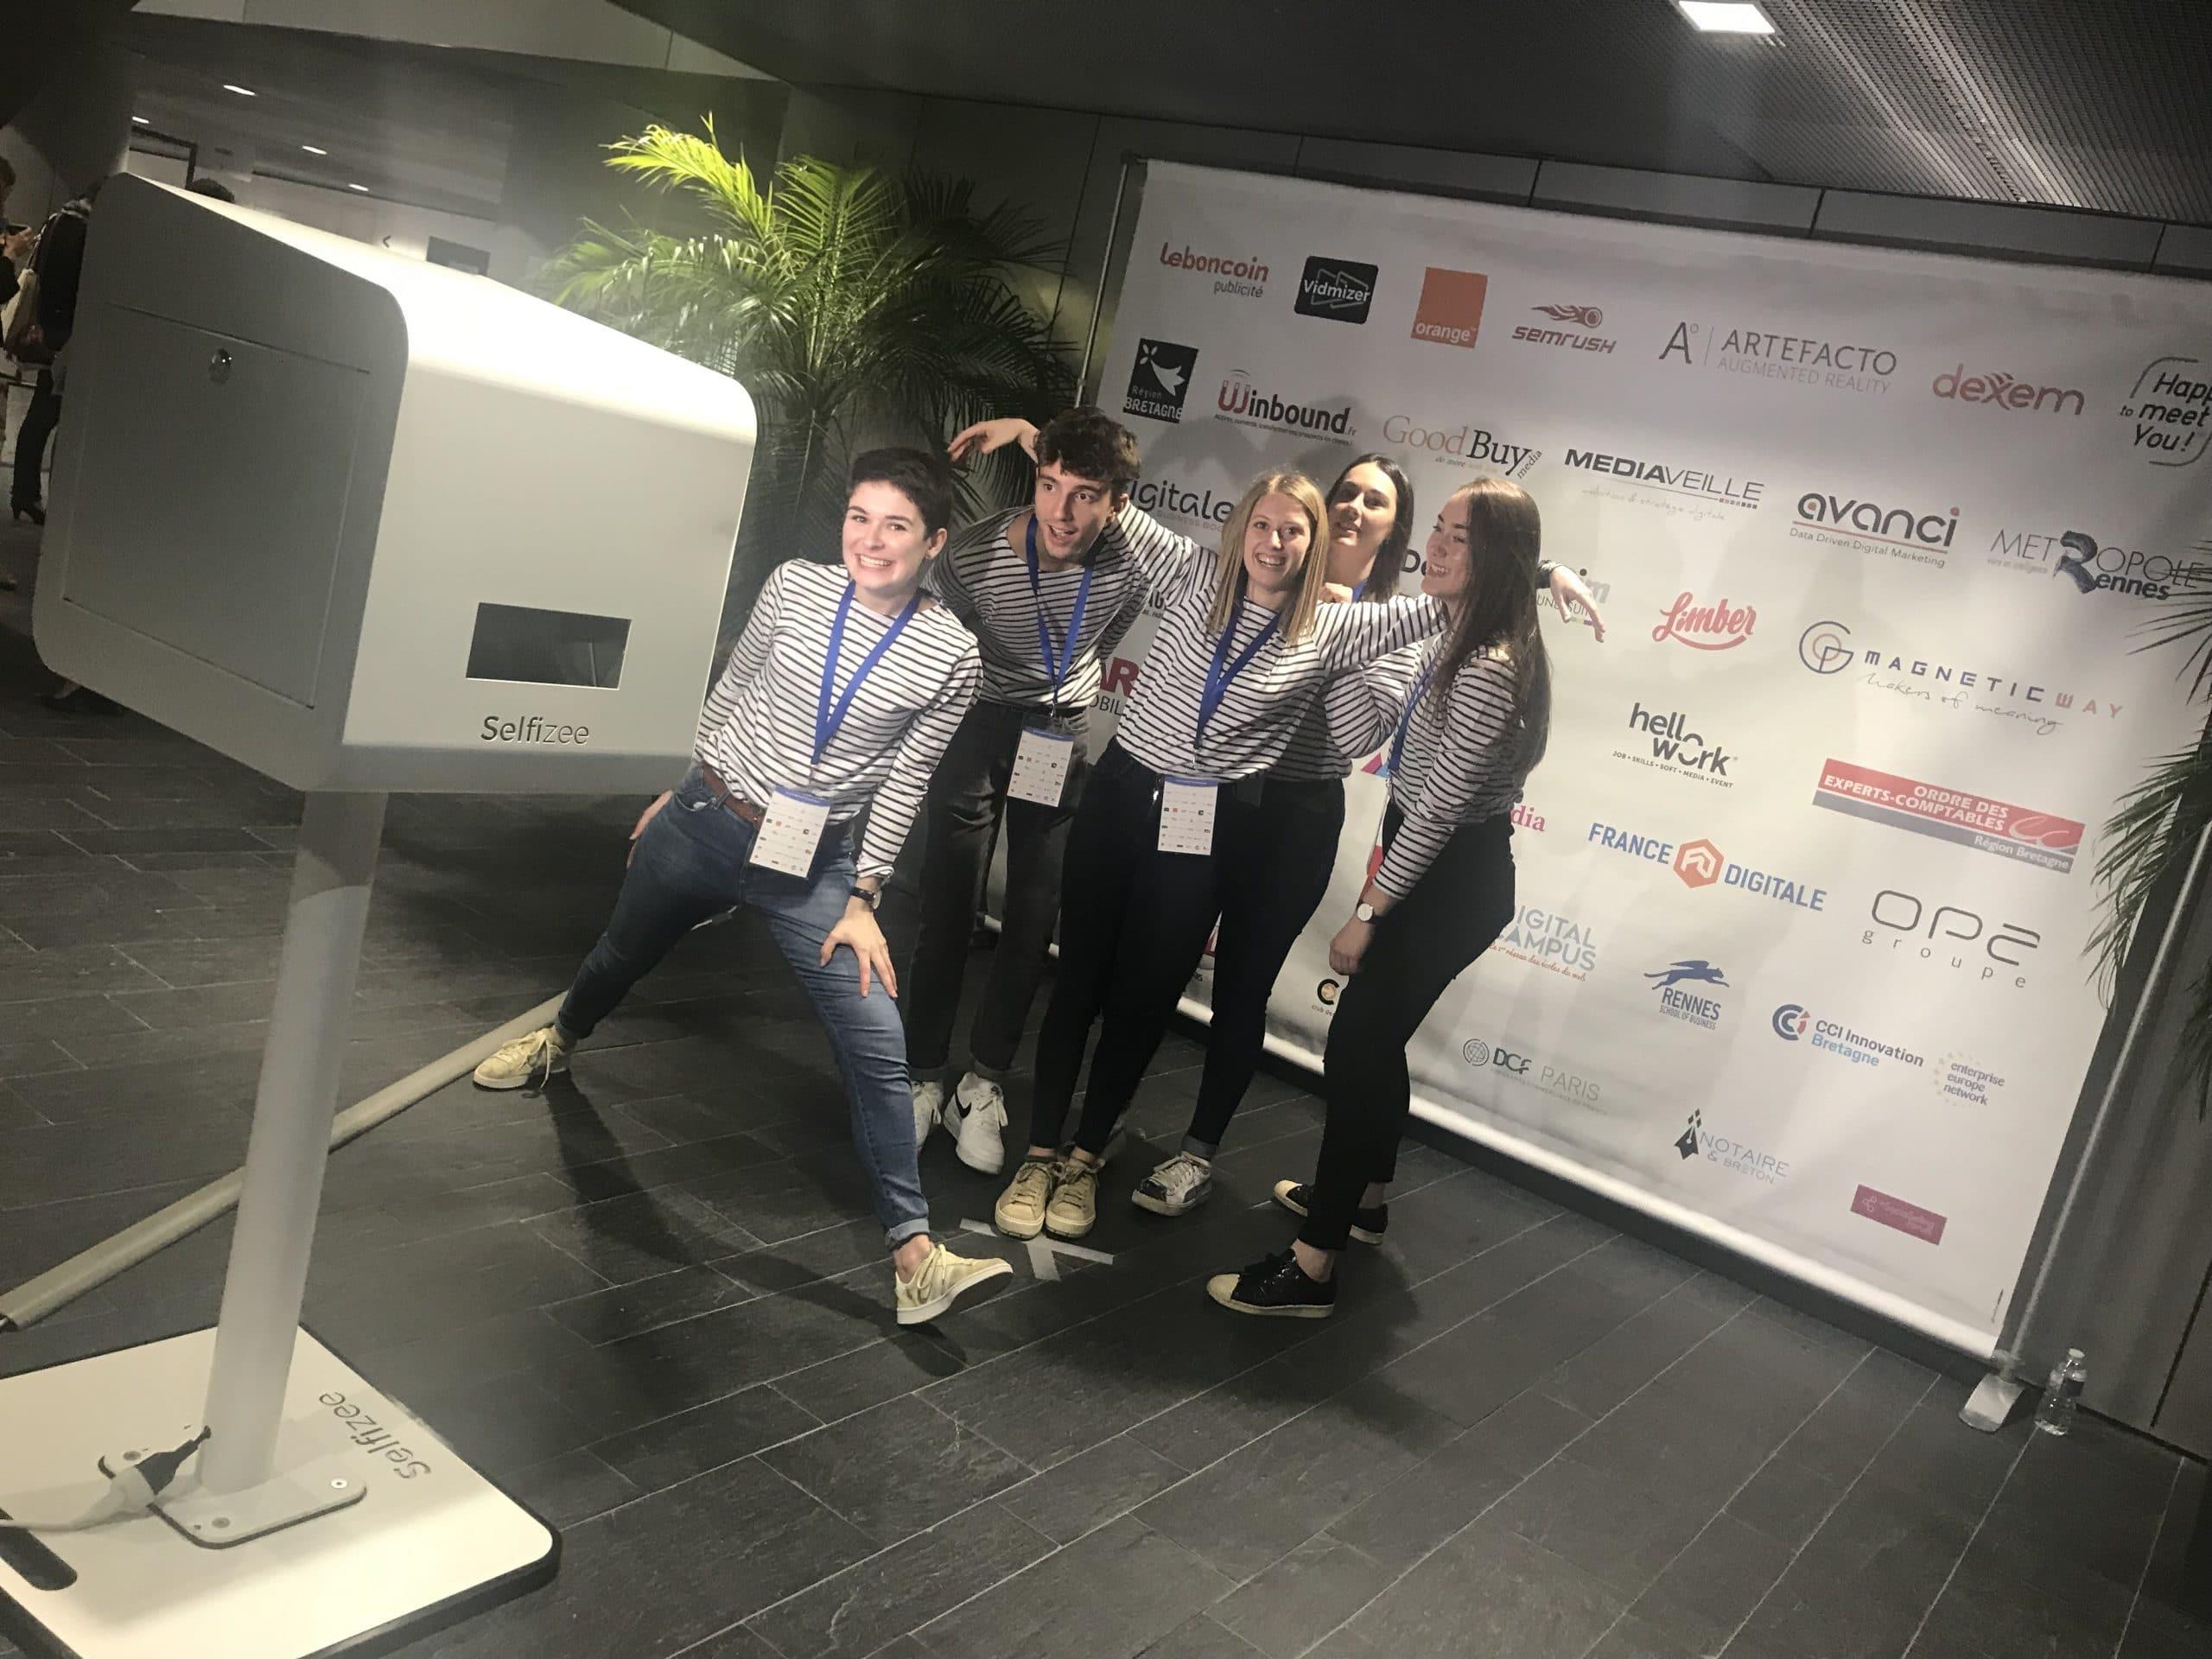 Borne photo avec animation photocall à la 1ère édition de l'événement Inbound Marketing France à Rennes - tables rondes, conférences et ateliers professionnels